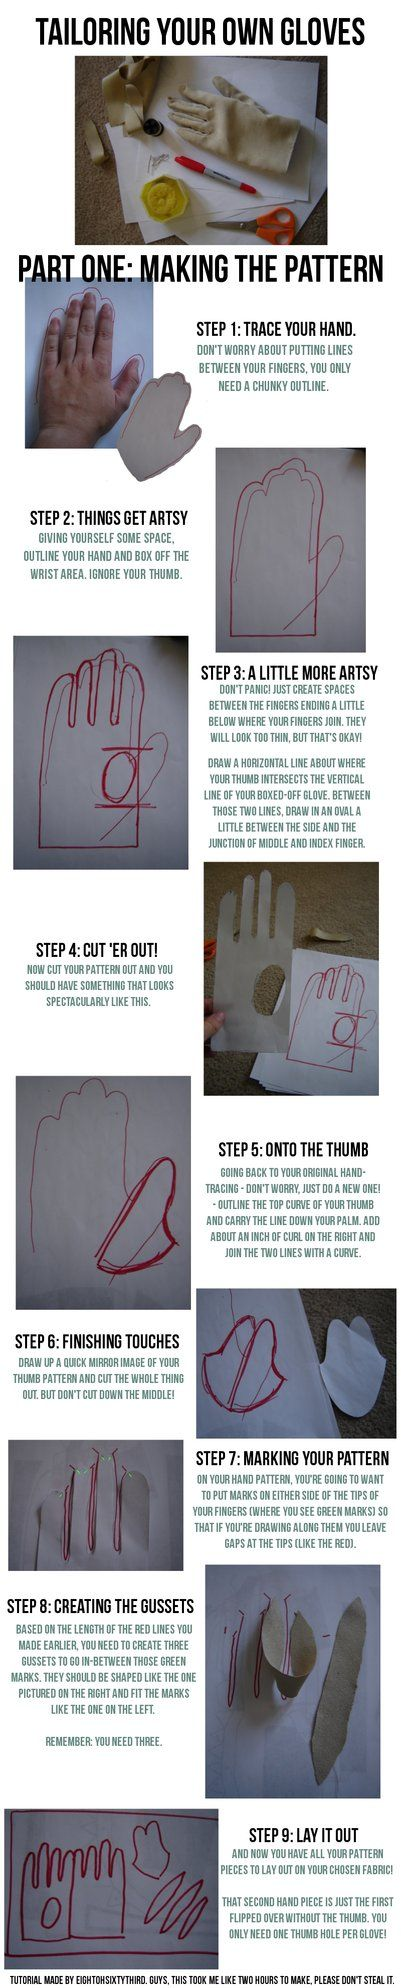 Gloves Tutorial: Part I, Making a Pattern by ~Eightohsixtythird on deviantART